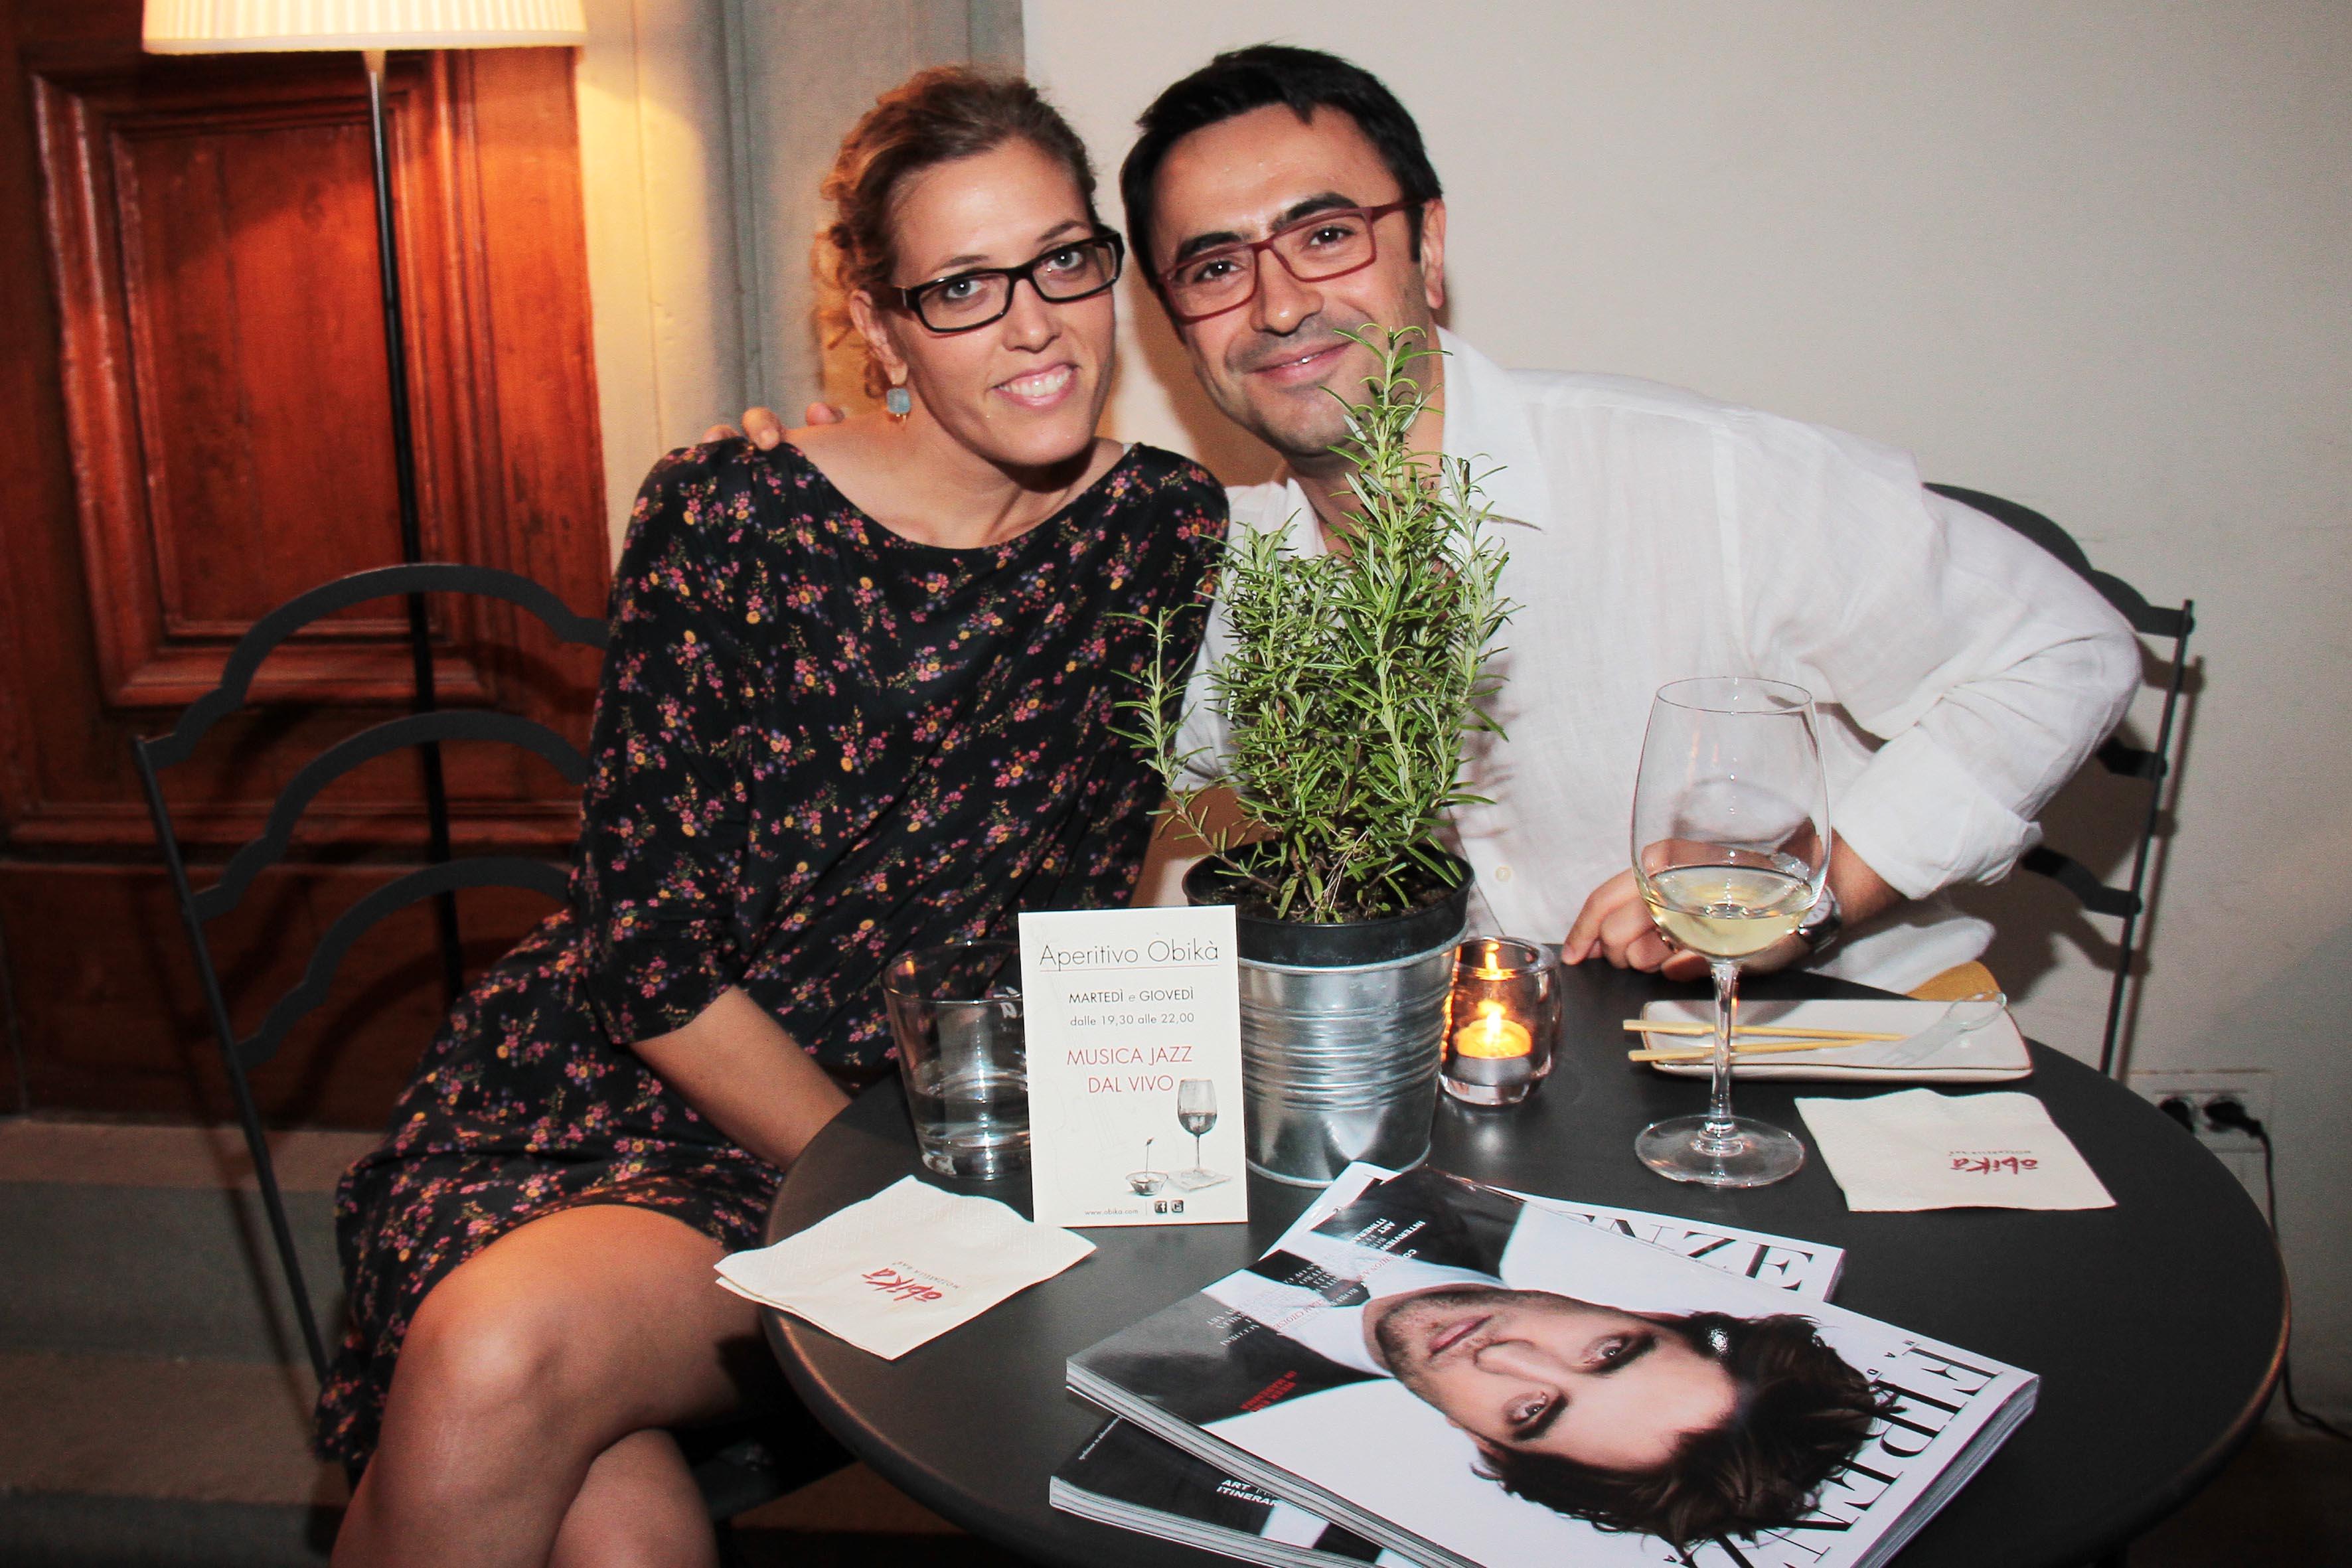 PRESSPHOTO Firenze, Obikà aperitivo. Nella foto Ilenia e Filippo Recchi  giuseppe cabras/new press photo